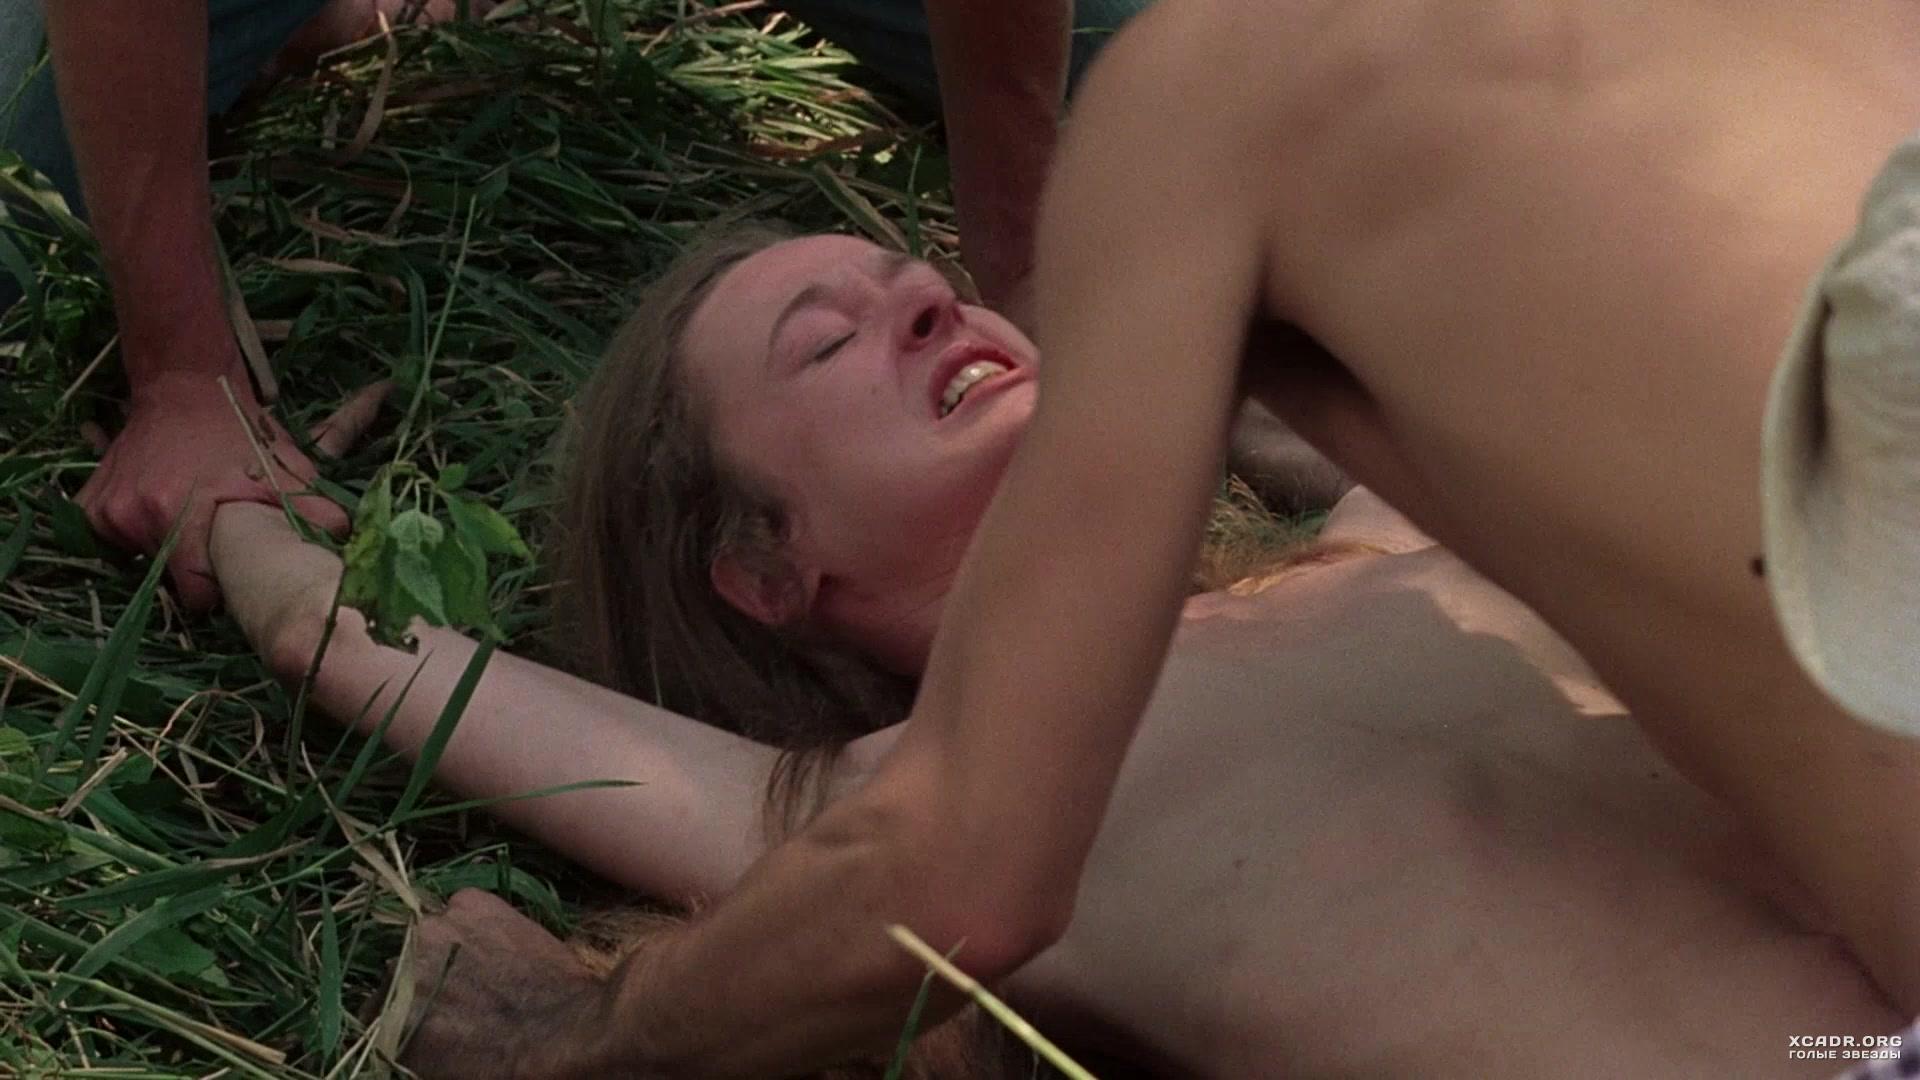 Порно Сцены Изнасилования Девственниц Из Фильмов